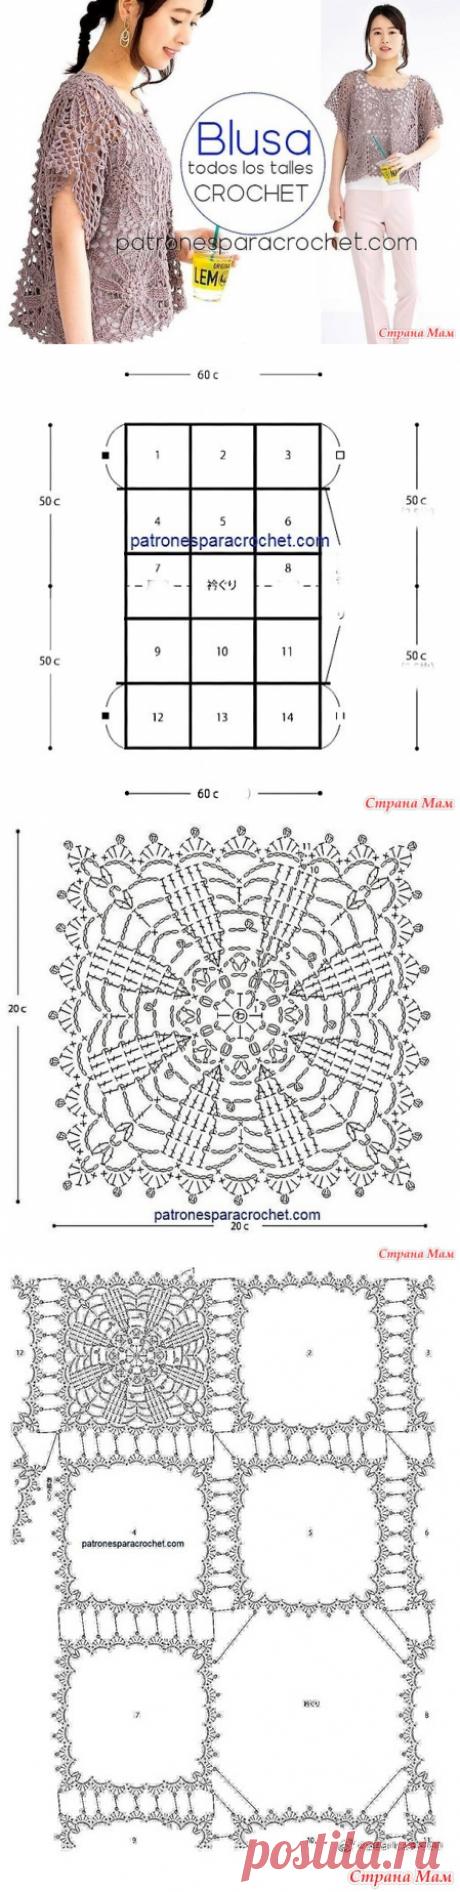 Ажурная кофточка из объемных цветочных мотивов - Все в ажуре... (вязание крючком) - Страна Мам